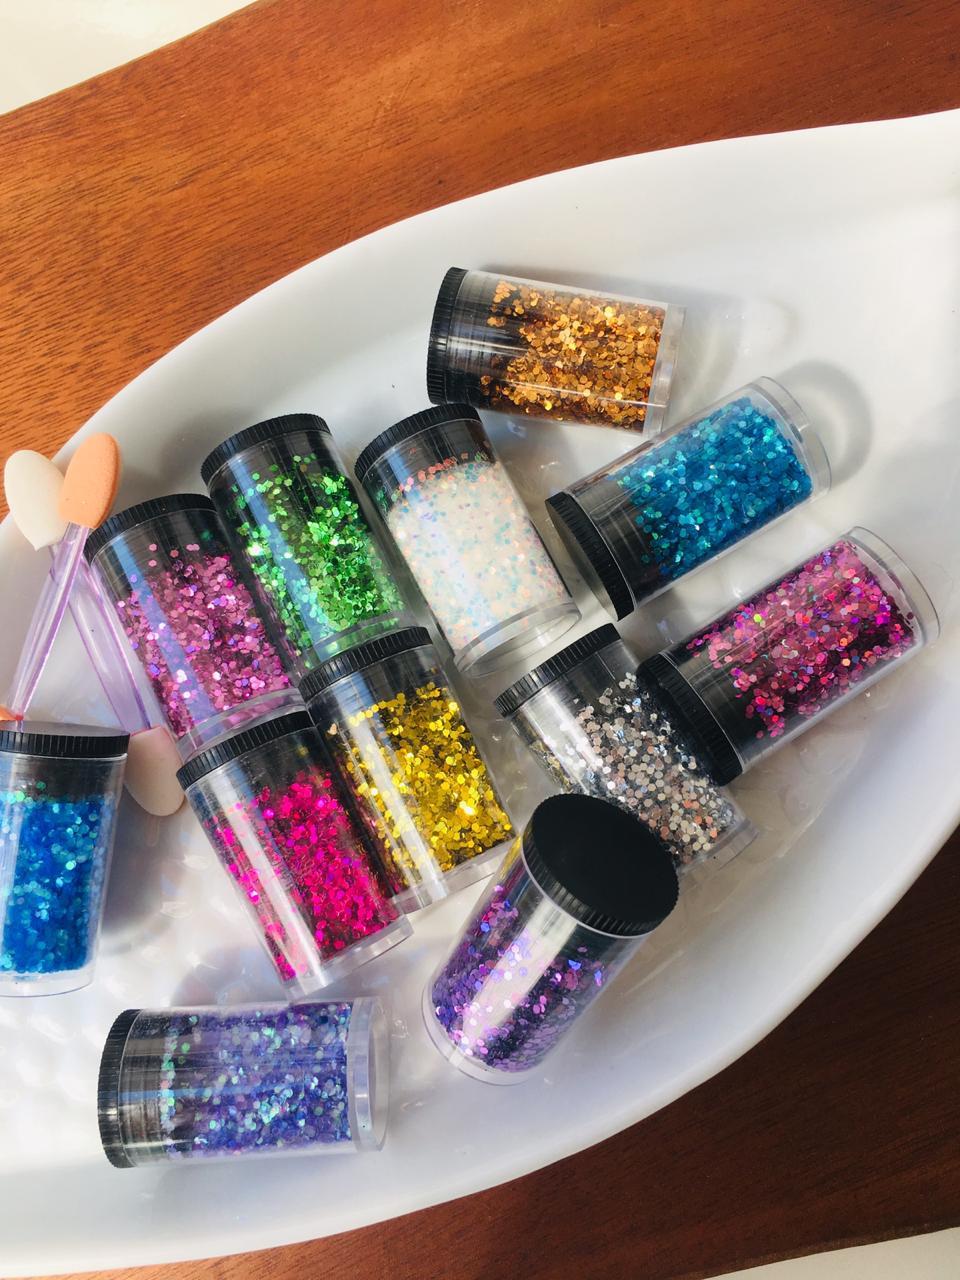 Kit pacote com 12 glitter flocado BR  - Sílvia Pedrarias & Cia